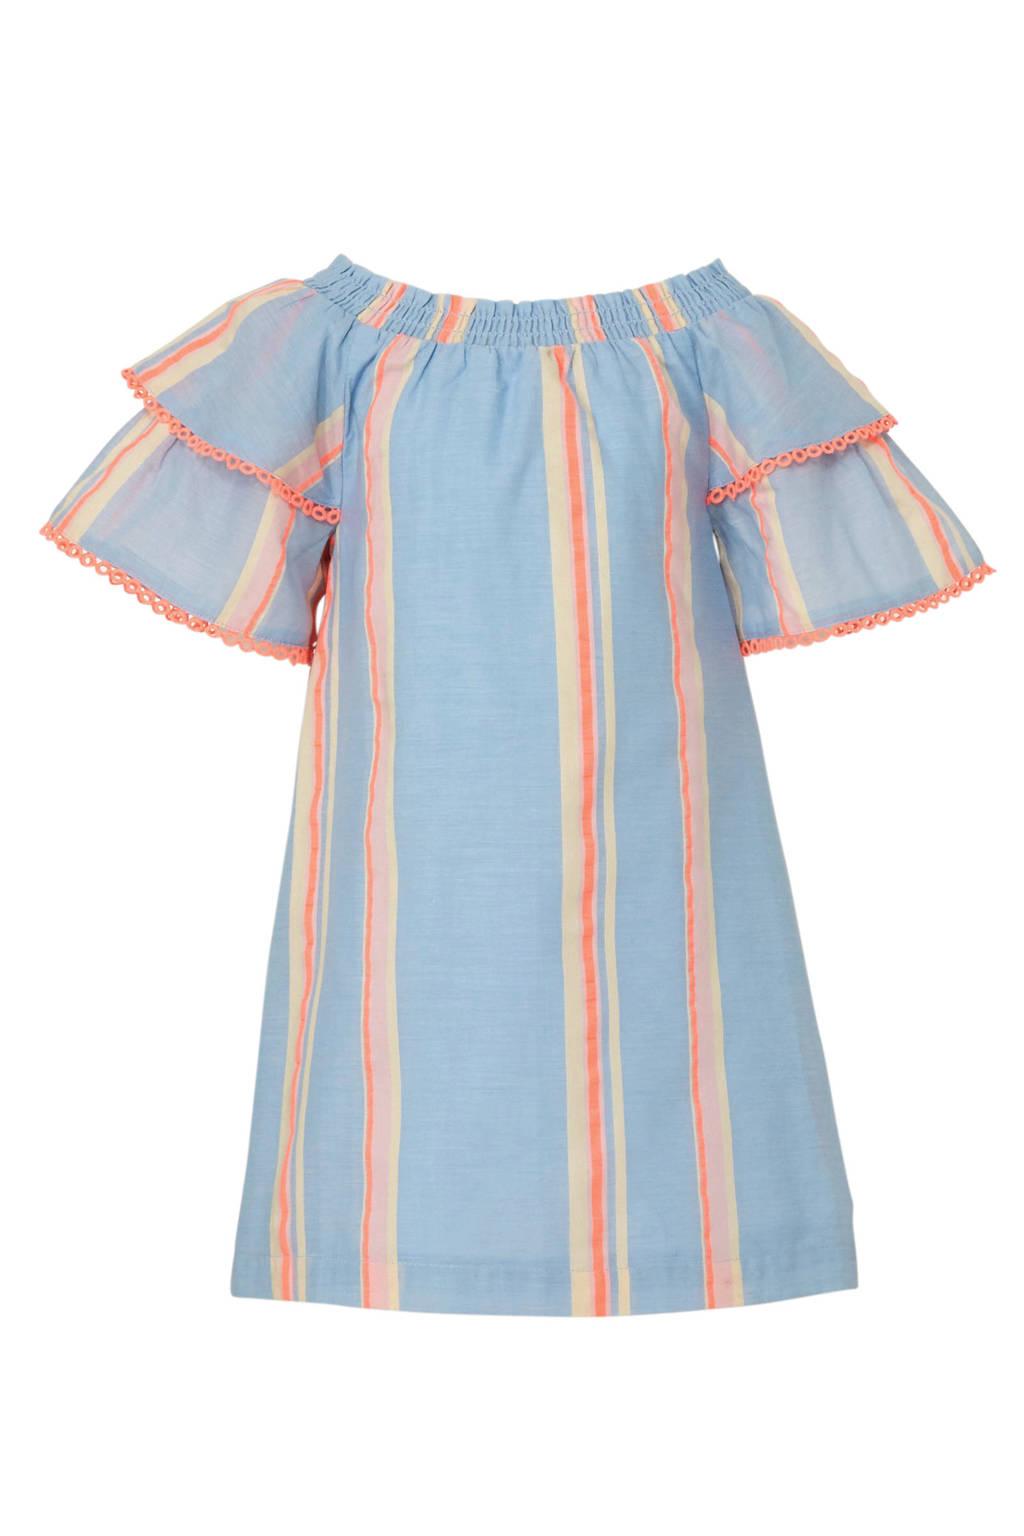 River Island gestreepte jurk met off shoulder, Lichtblauw/roze/beige